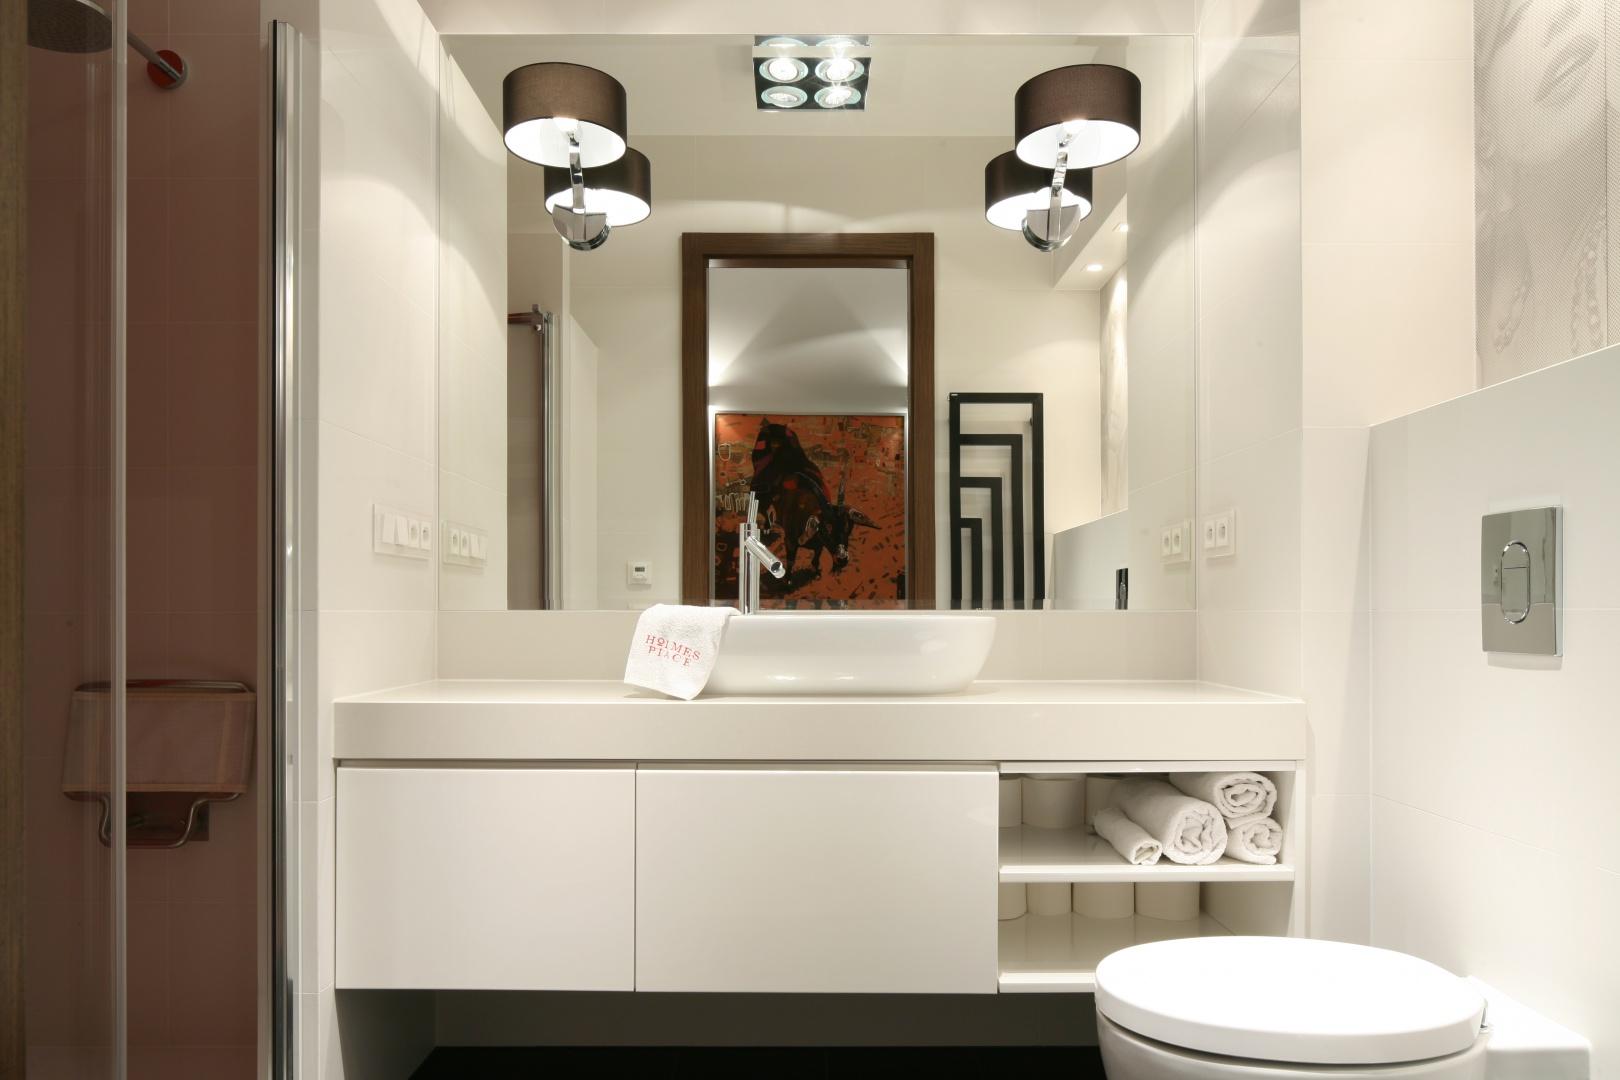 Mimo, że łazienka jest wąska, przestrzeni dodają jej jasna kolorystyka oraz spora tafla lustra w strefie umywalki. Projekt: Małgorzata Galewska. Fot. Bartosz Jarosz.